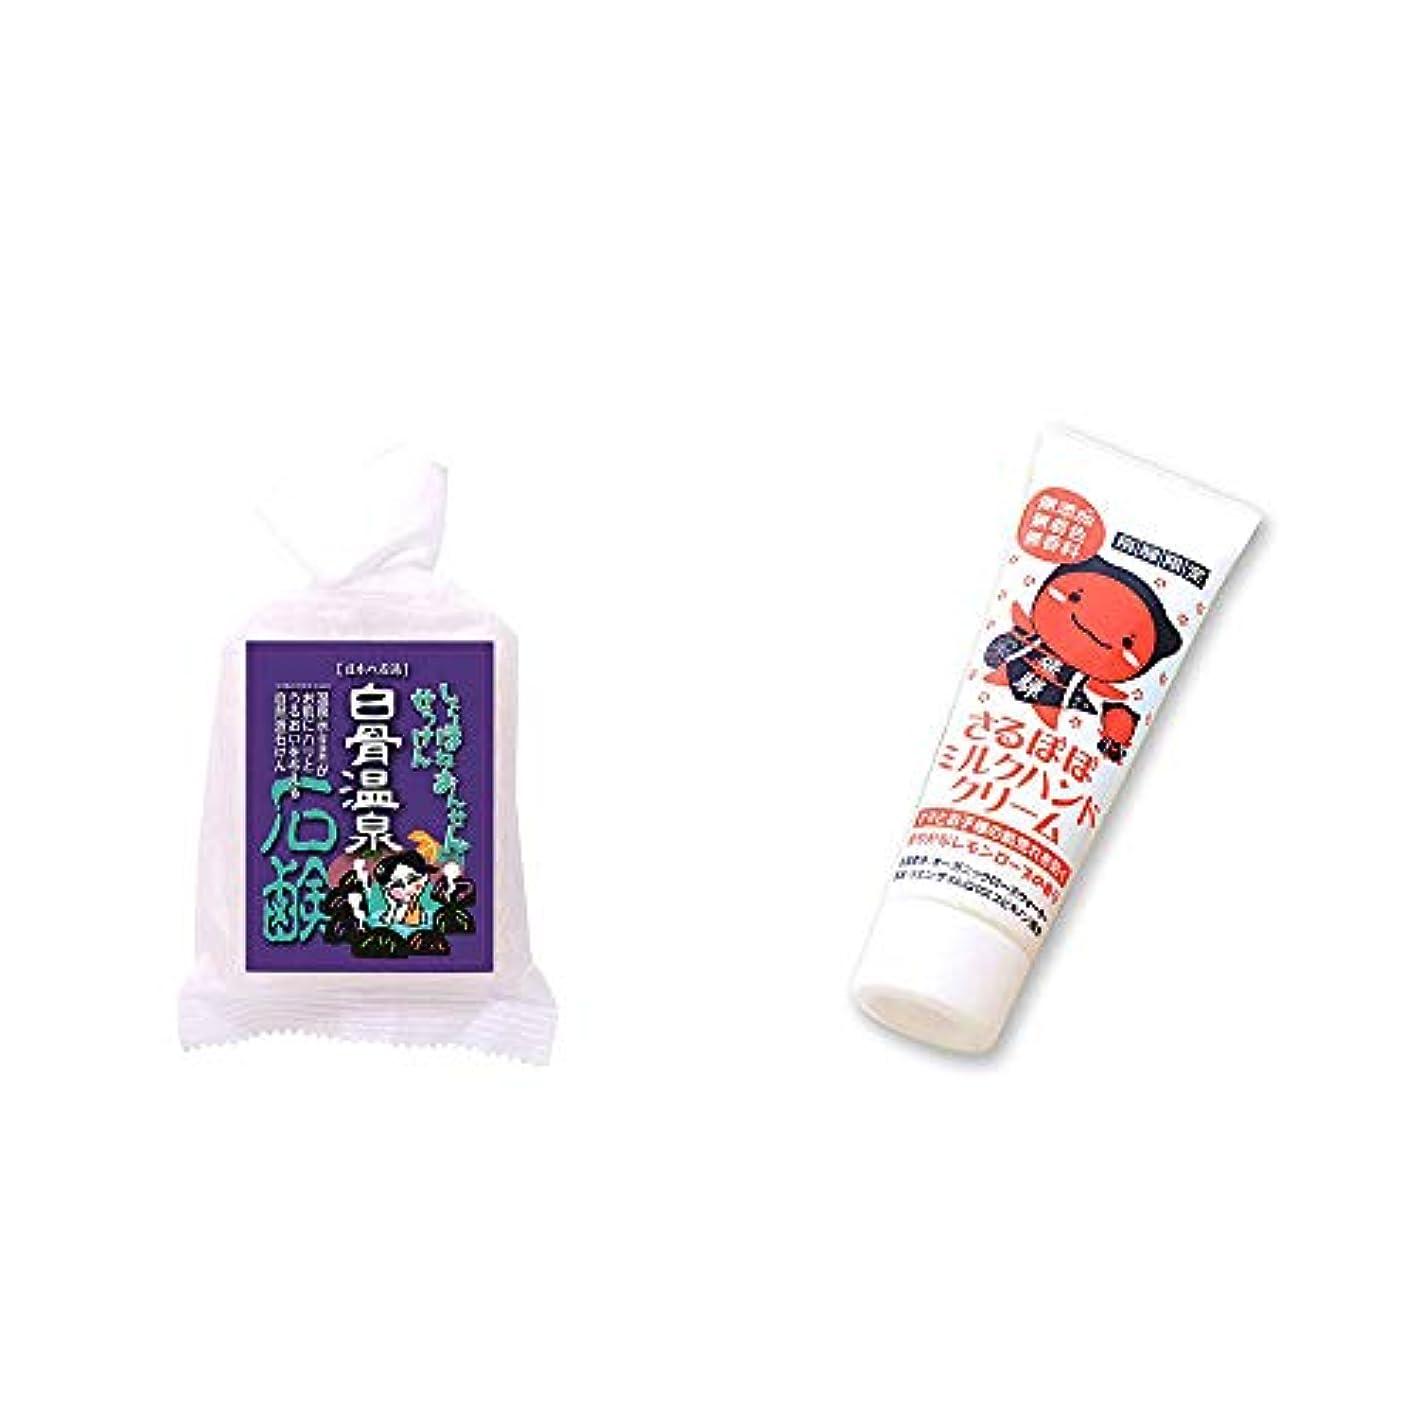 八百屋ずるいエキスパート[2点セット] 信州 白骨温泉石鹸(80g)?さるぼぼ ミルクハンドクリーム(50g)